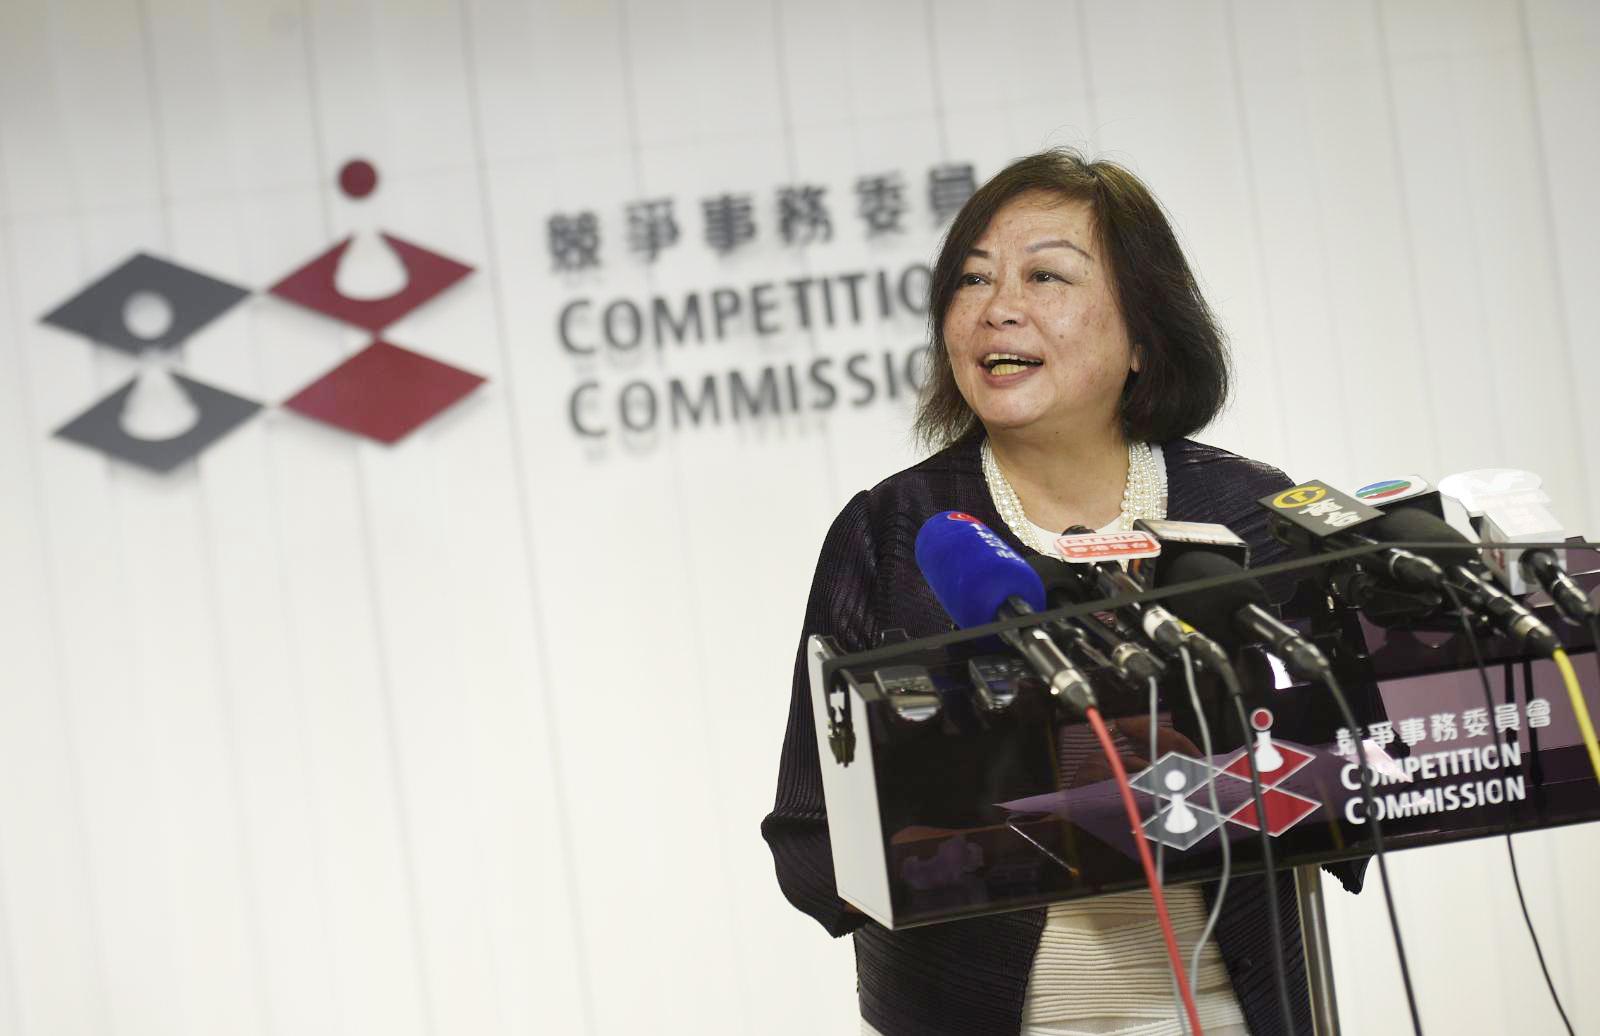 竞委会就首两宗竞争法案件裁决召开记招。